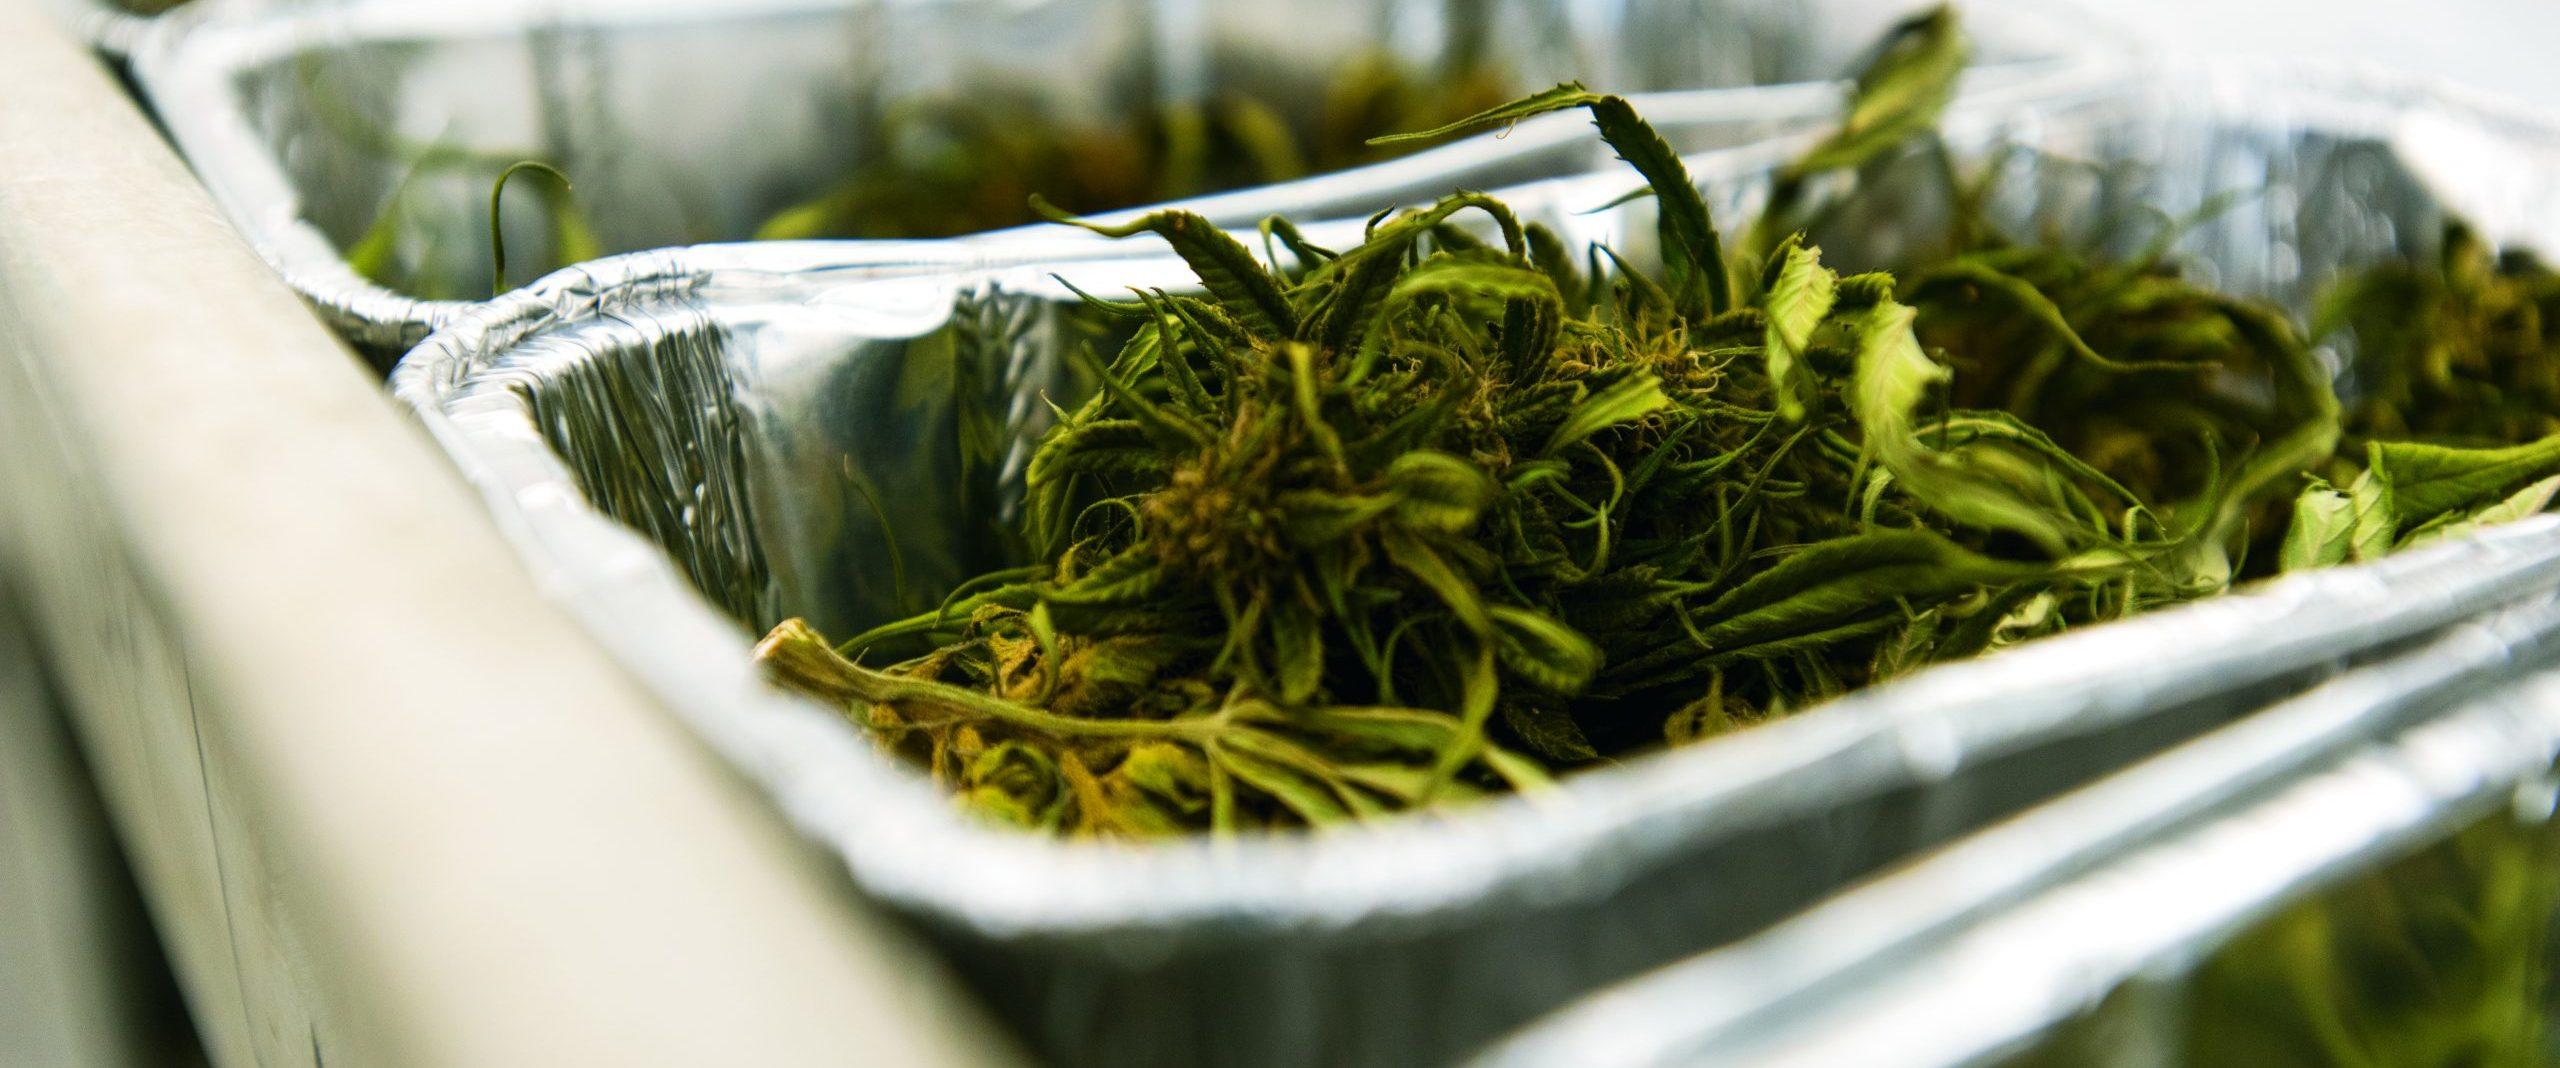 Hemp plants in trays